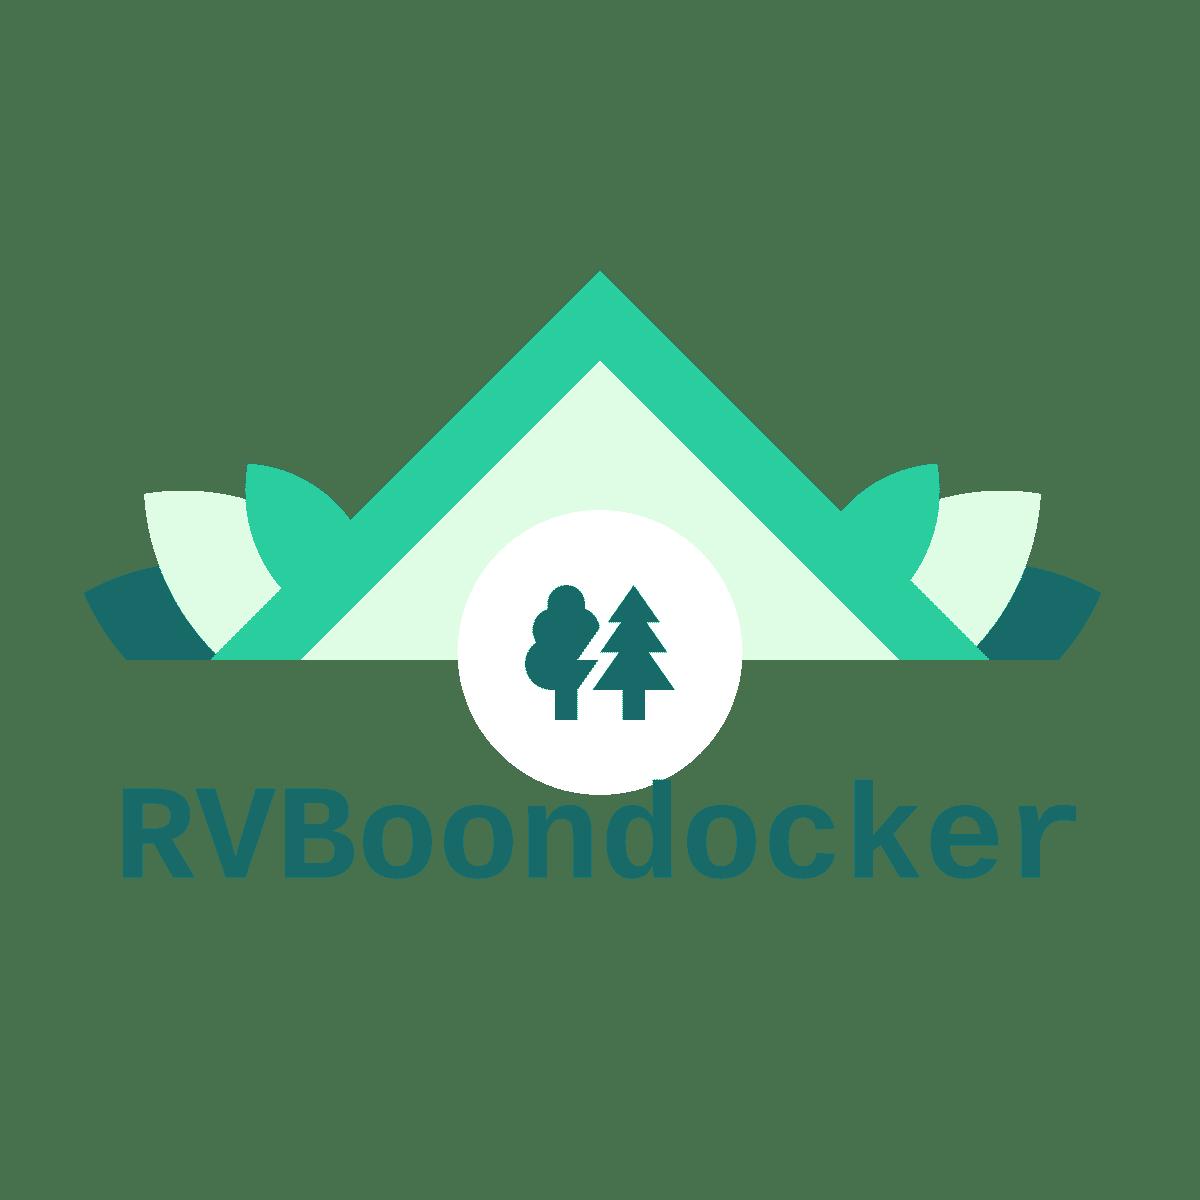 RVBoondocker